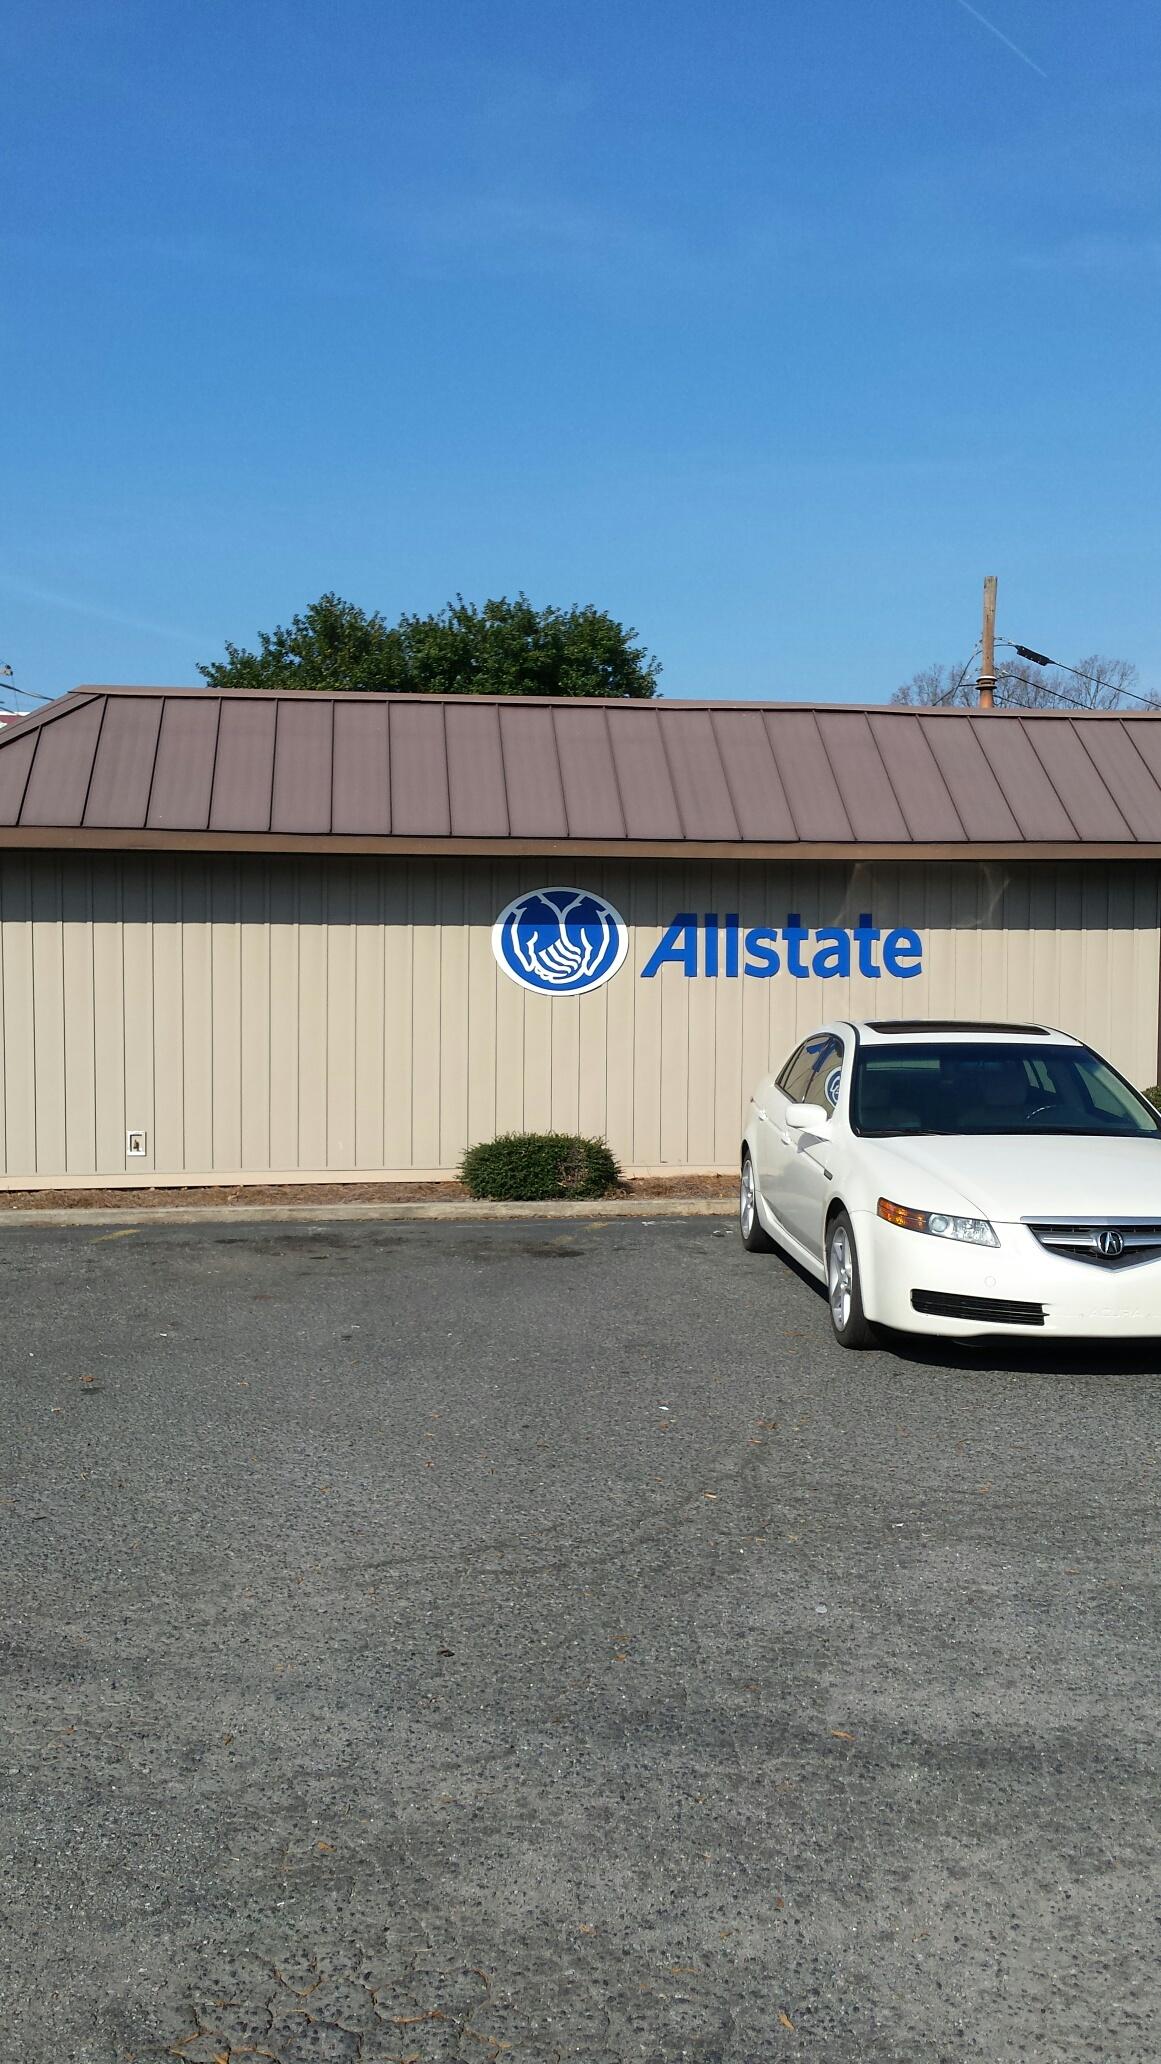 north carolina auto insurance quote: